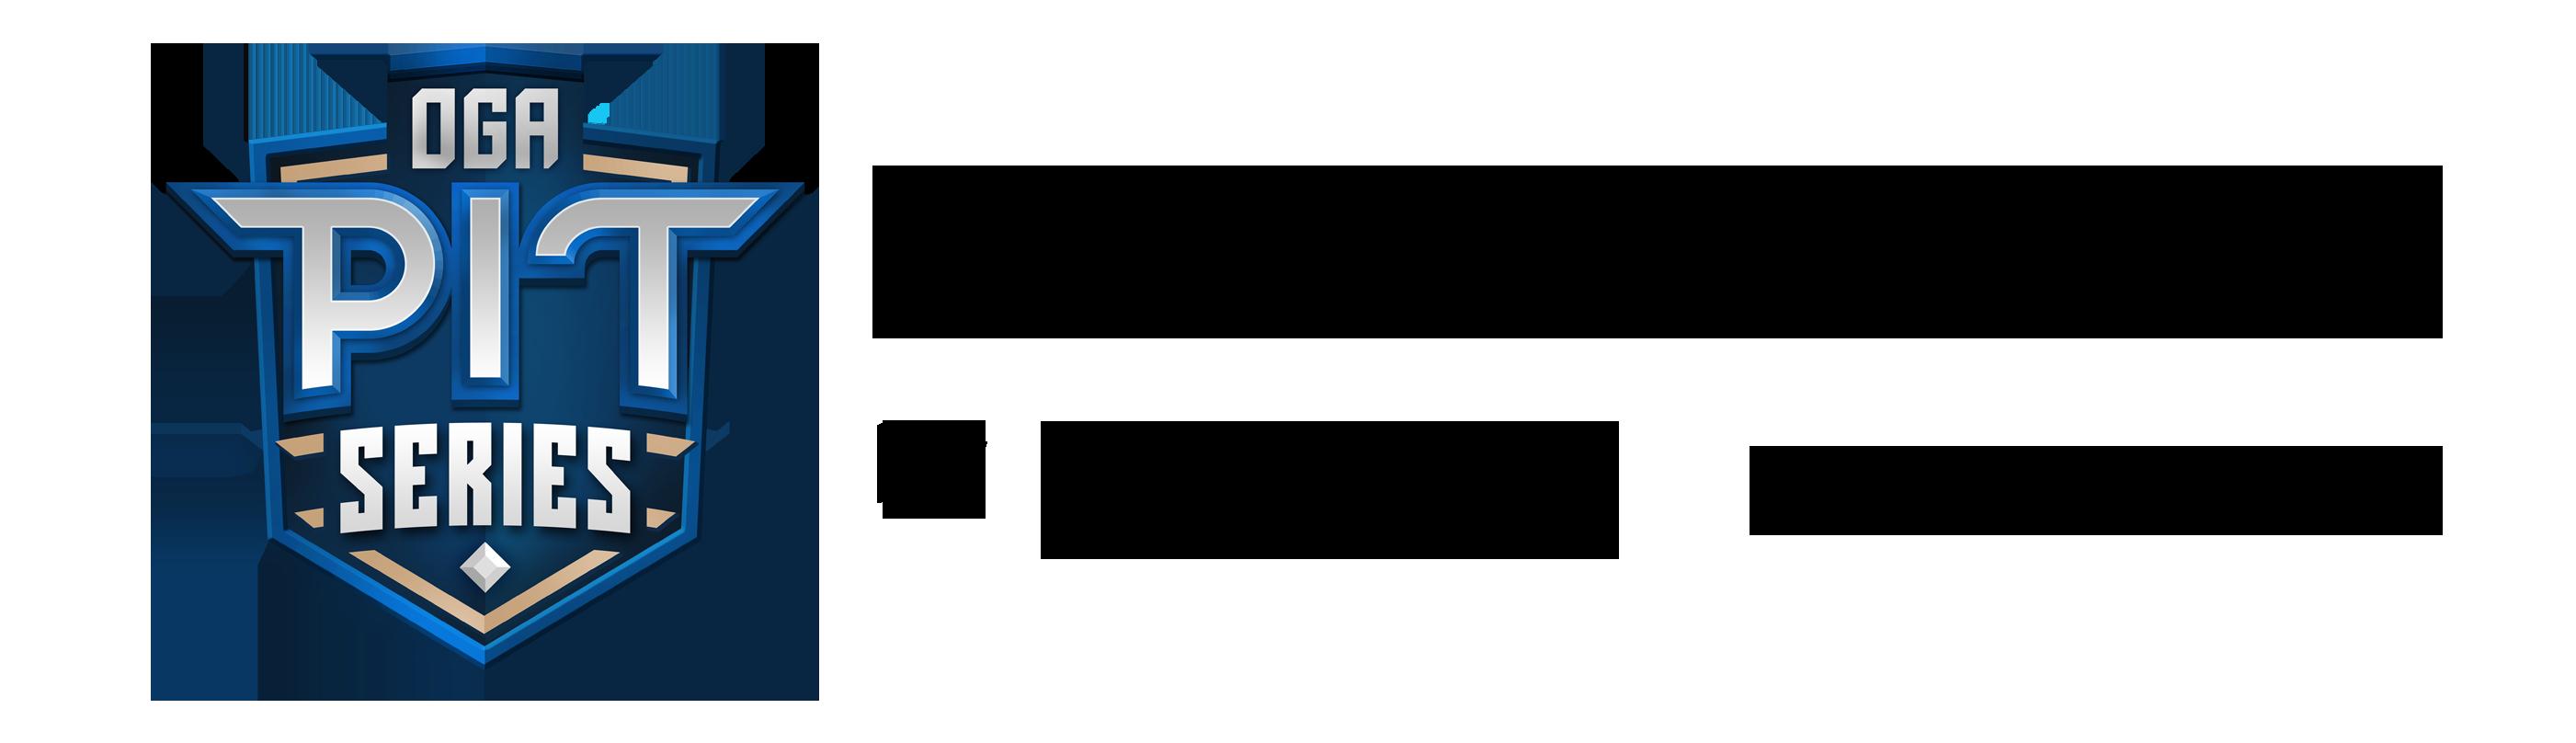 OGA Artifact PIT